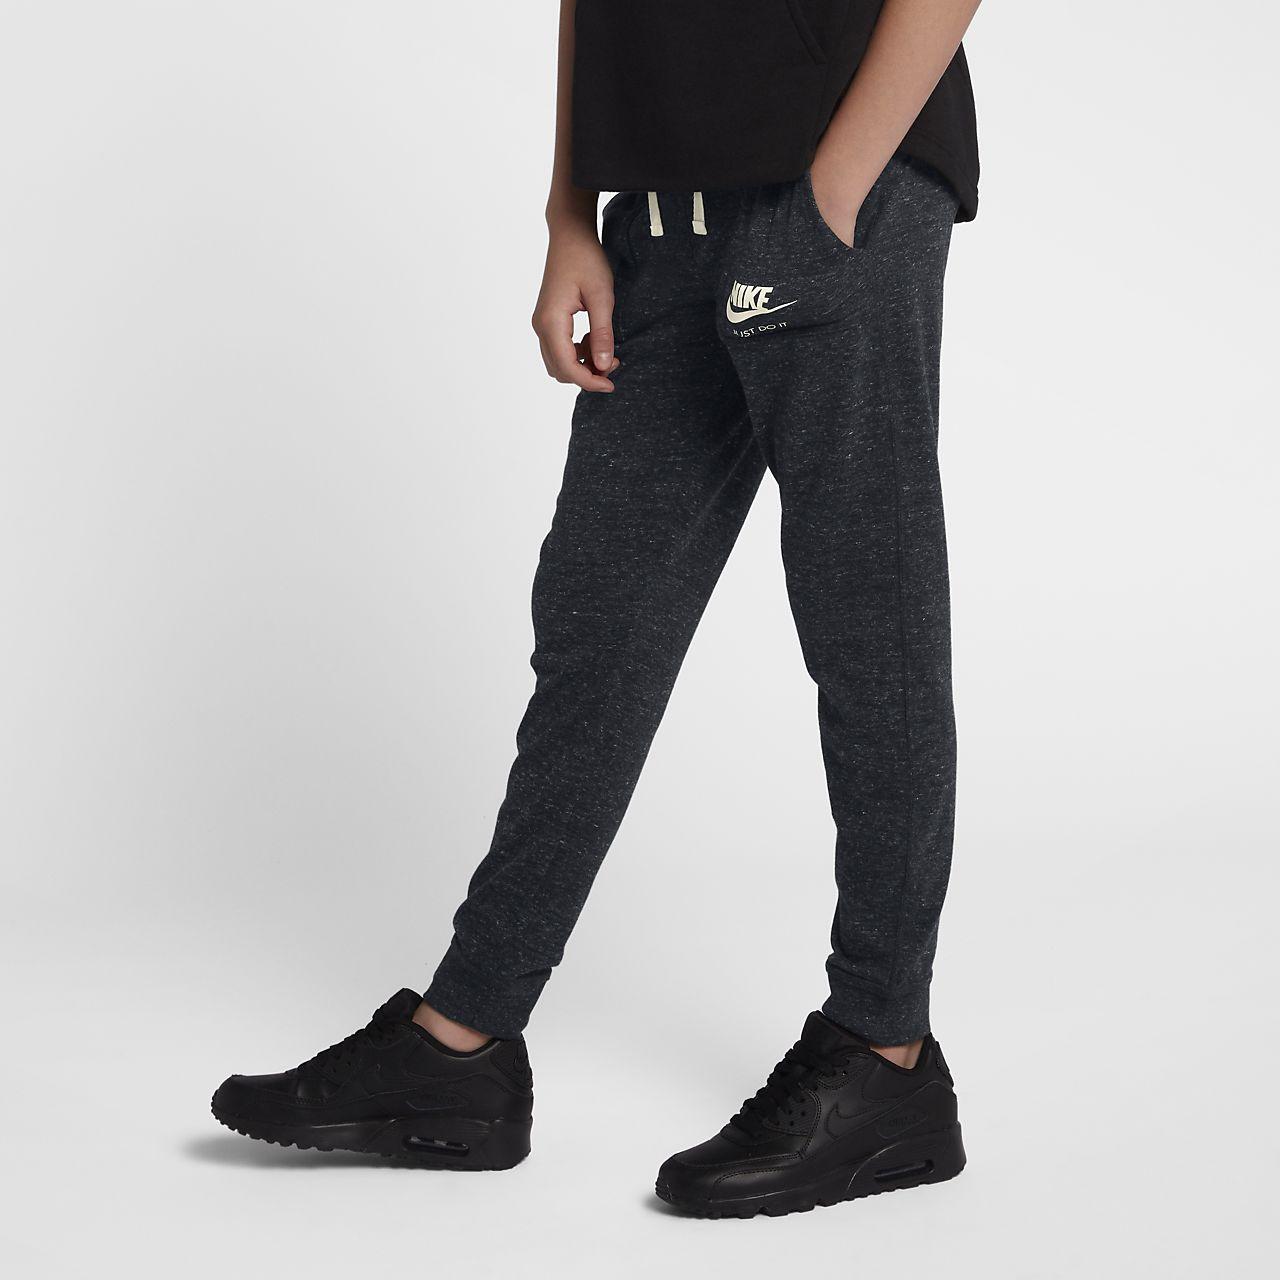 Nike Sportswear Vintage Big Kids' Pants Black/Sail